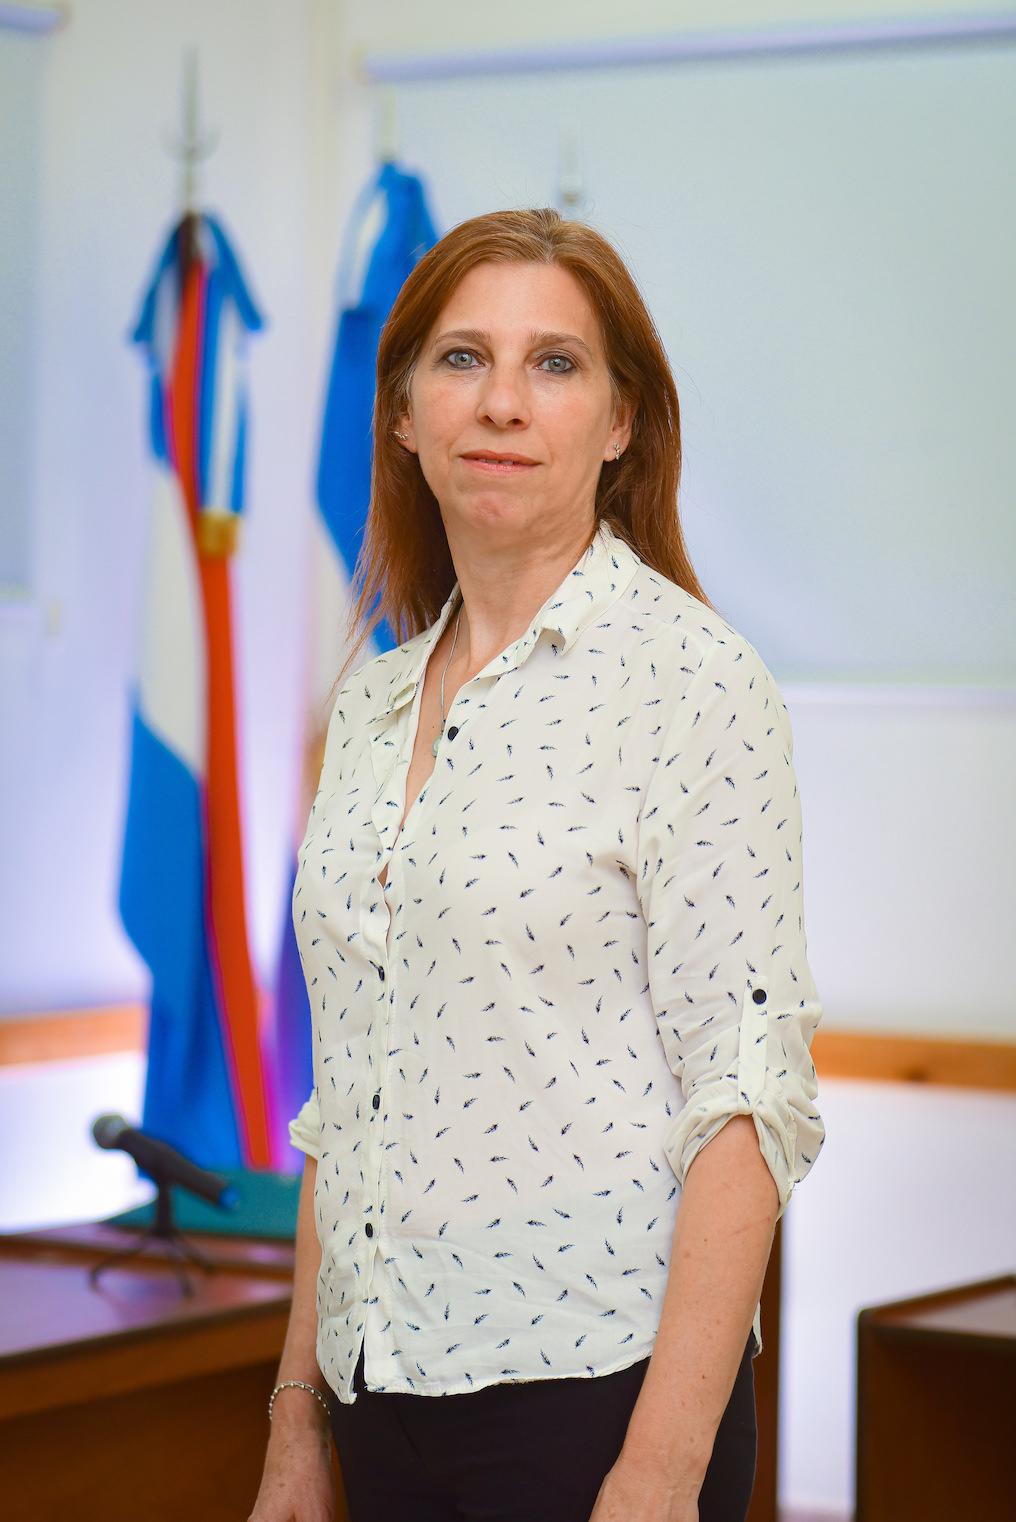 María Rosa Rougier